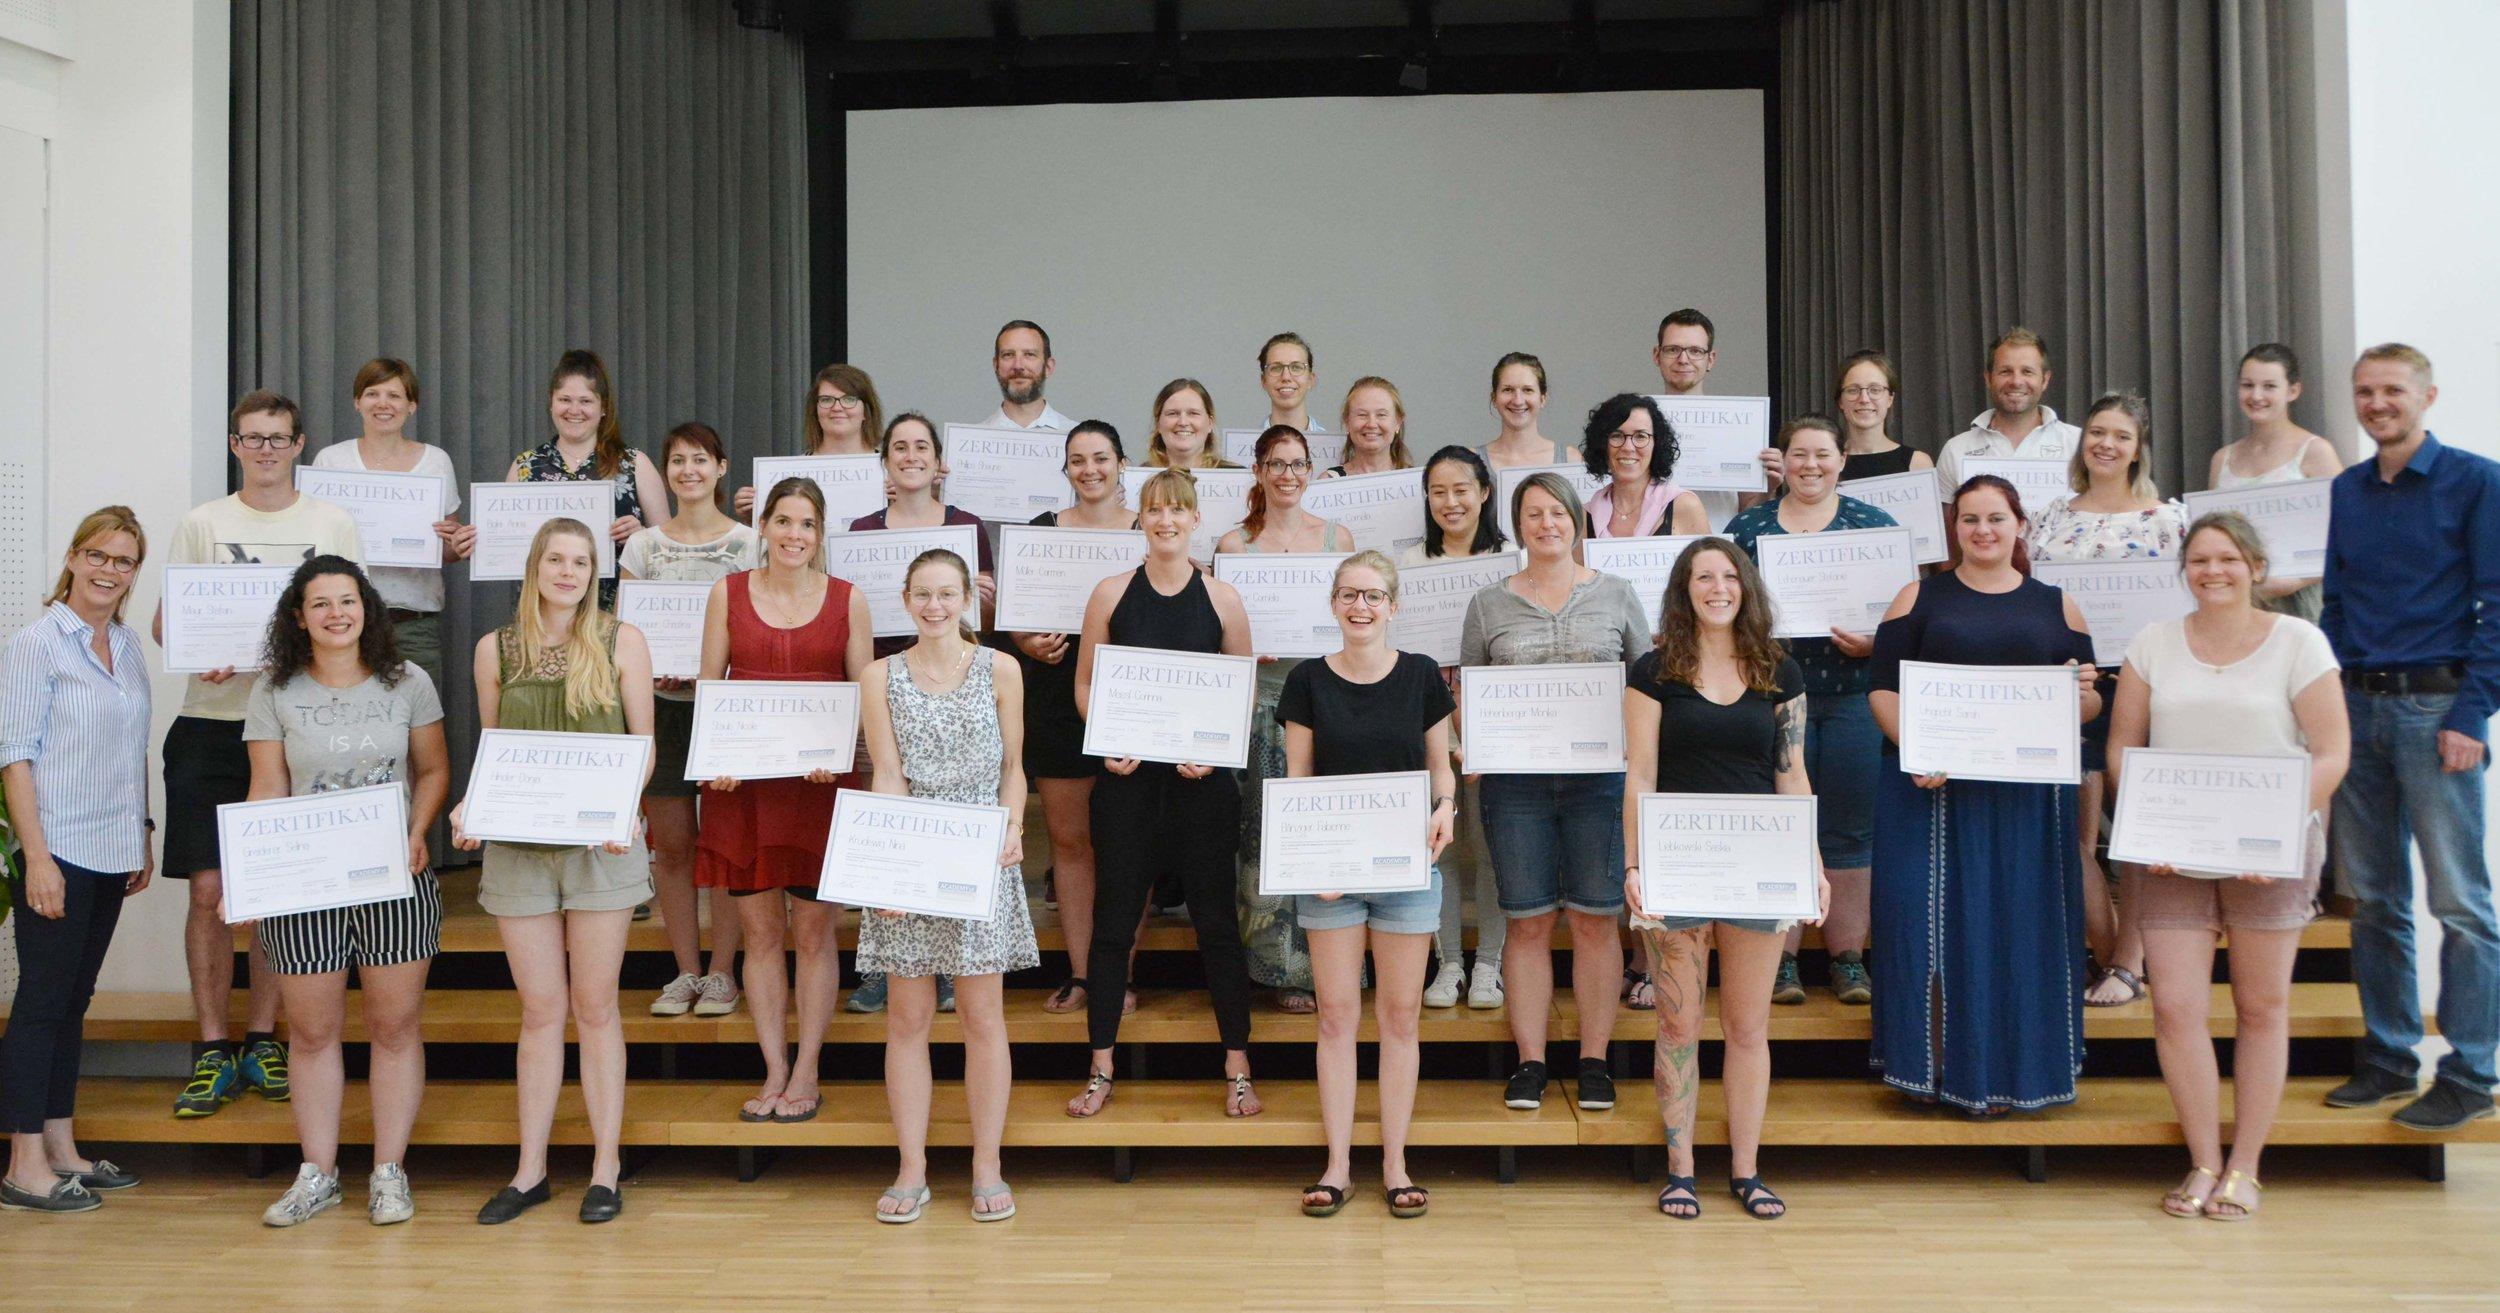 Als krönender Abschluss durften alle AoF-Meisterschülerinnen und -schüler wohlverdient das schöne Schulzeugnis in Empfang nehmen: Herzliche Gratulation zum erfolgreichen Abschluss des Schuljahres!